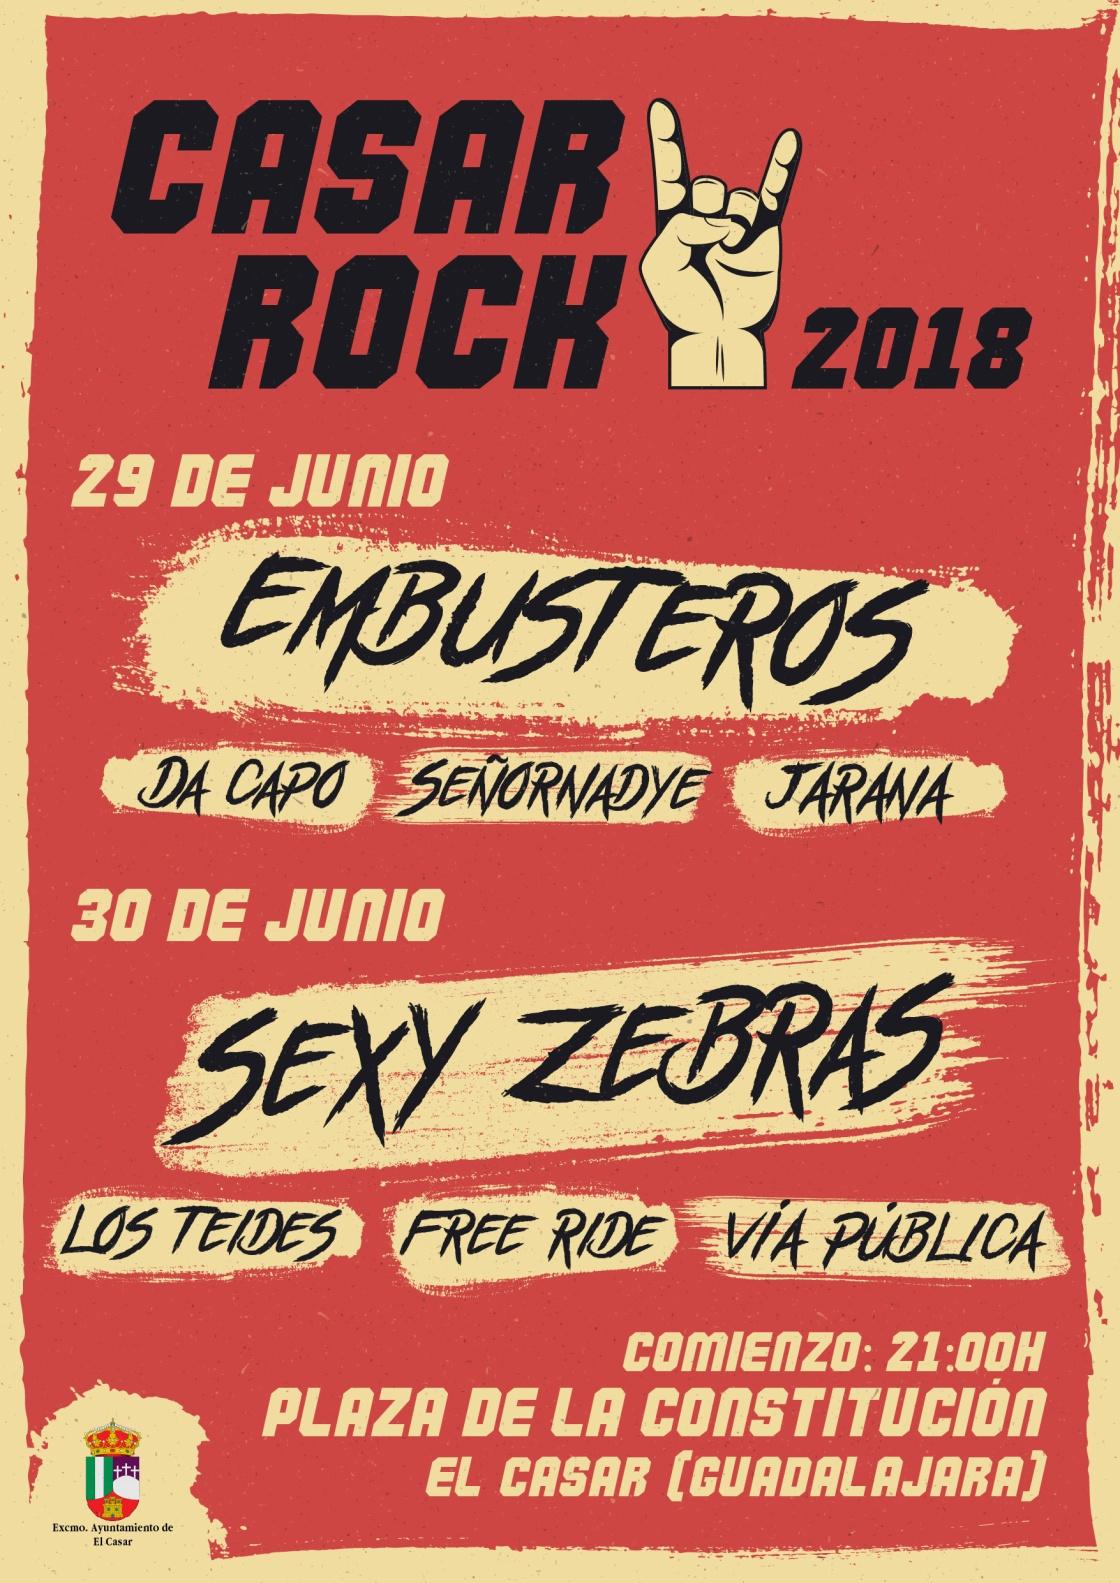 Llega una nueva edición del Casar Rock